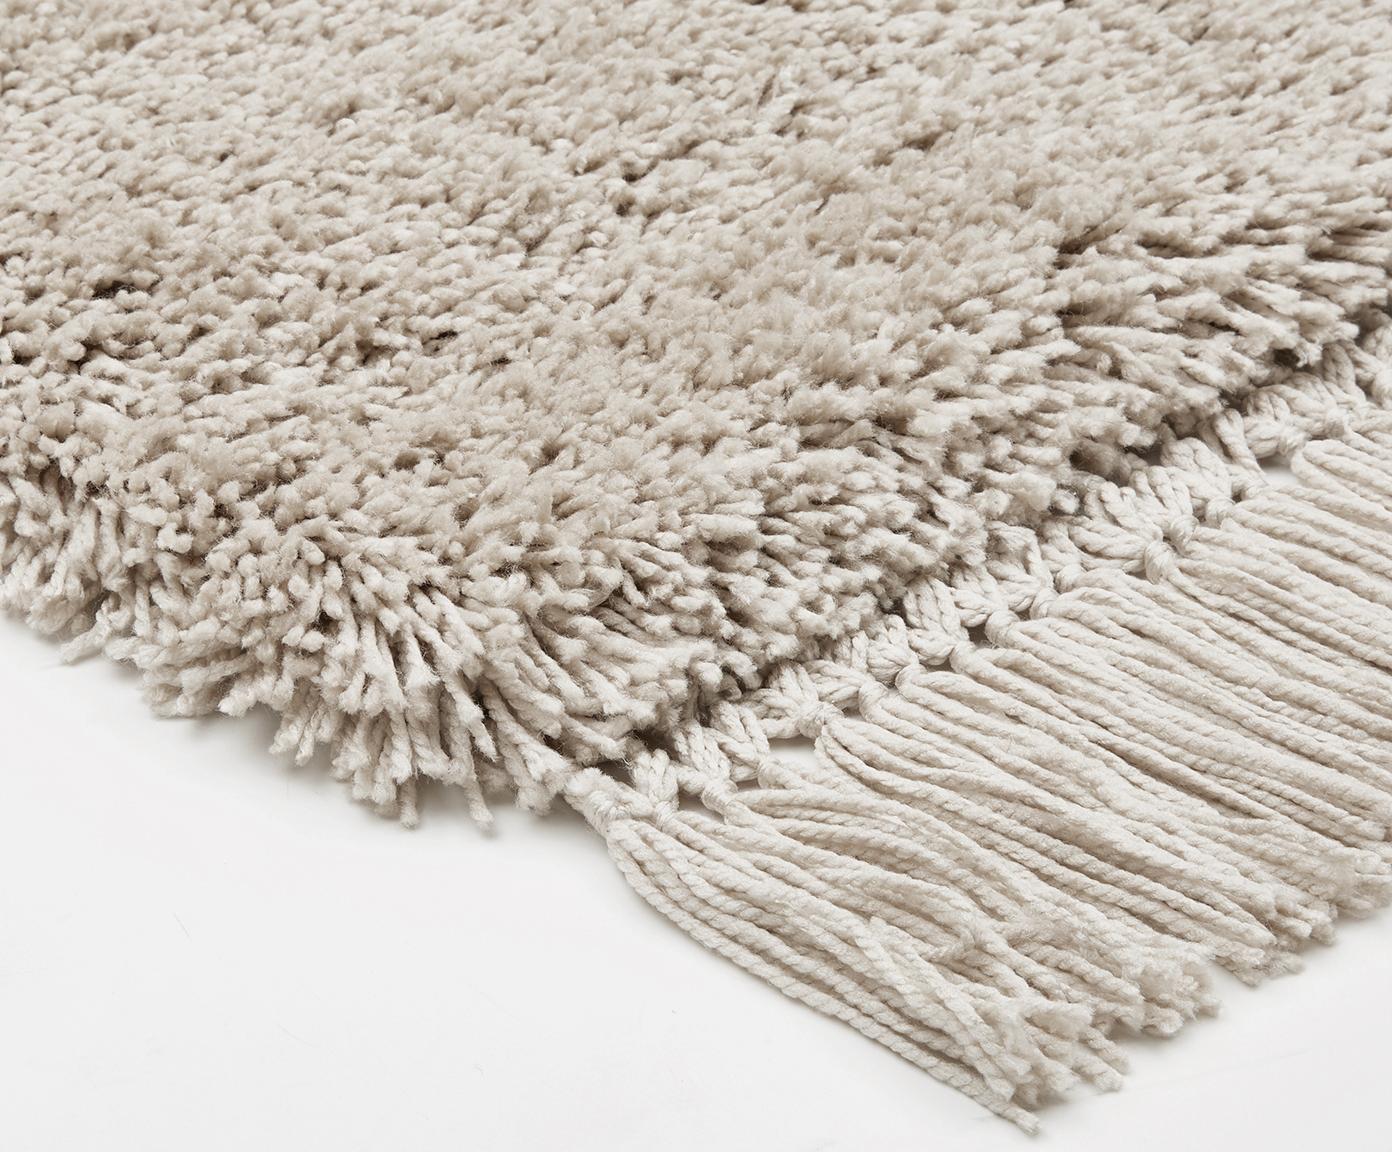 Pluizig hoogpolig vloerkleed Dreamy met franjes, Bovenzijde: 100% polyester, Onderzijde: 100% katoen, Crèmekleurig, 200 x 300 cm